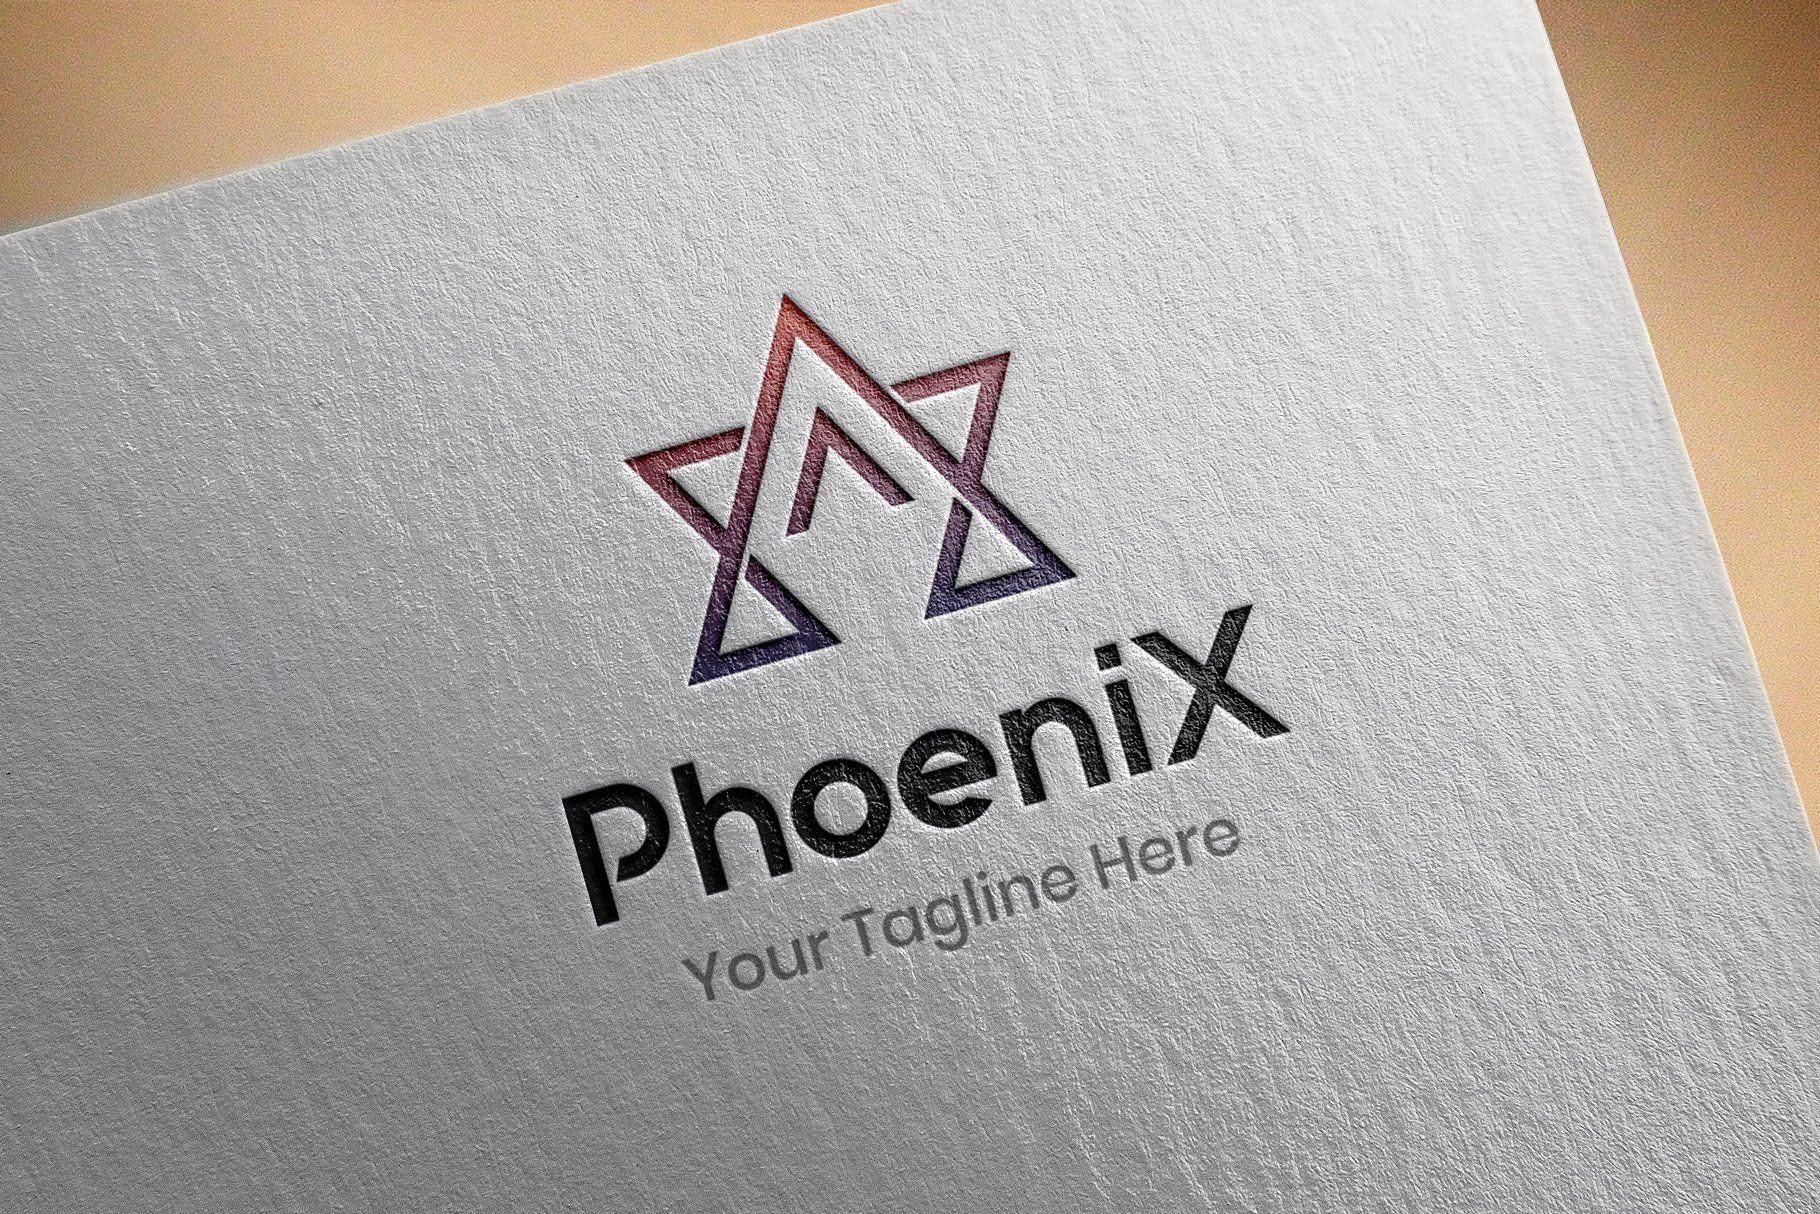 Phoenix Abstract Technology Business Corporate Stylish Star Galaxy